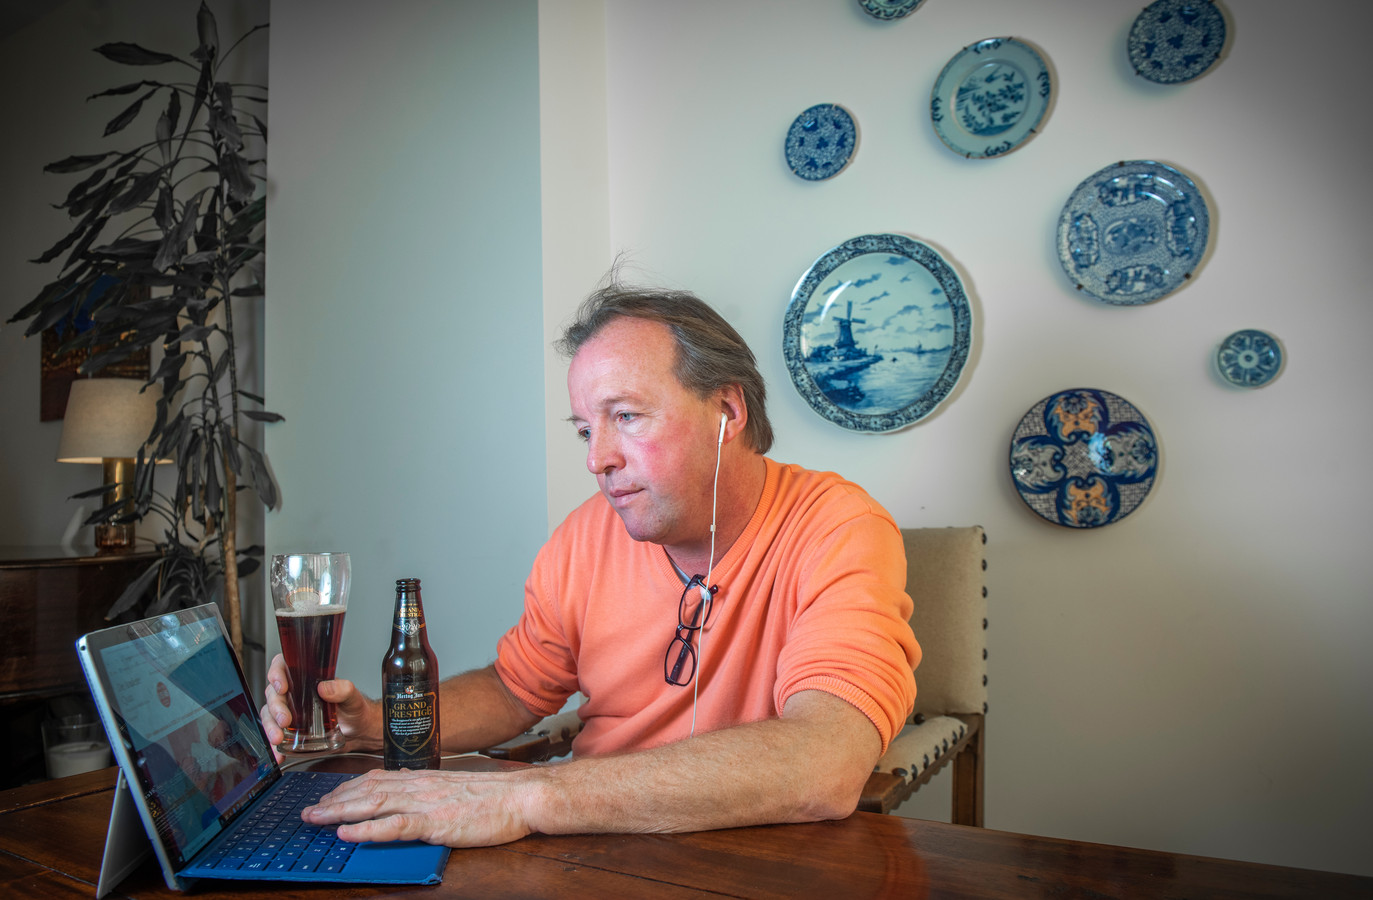 In plaats van dat hij op zaterdagavond naar café Momfer de Mol gaat, doet stamgast Michiel Snijders nu thuis online pubquizzen.